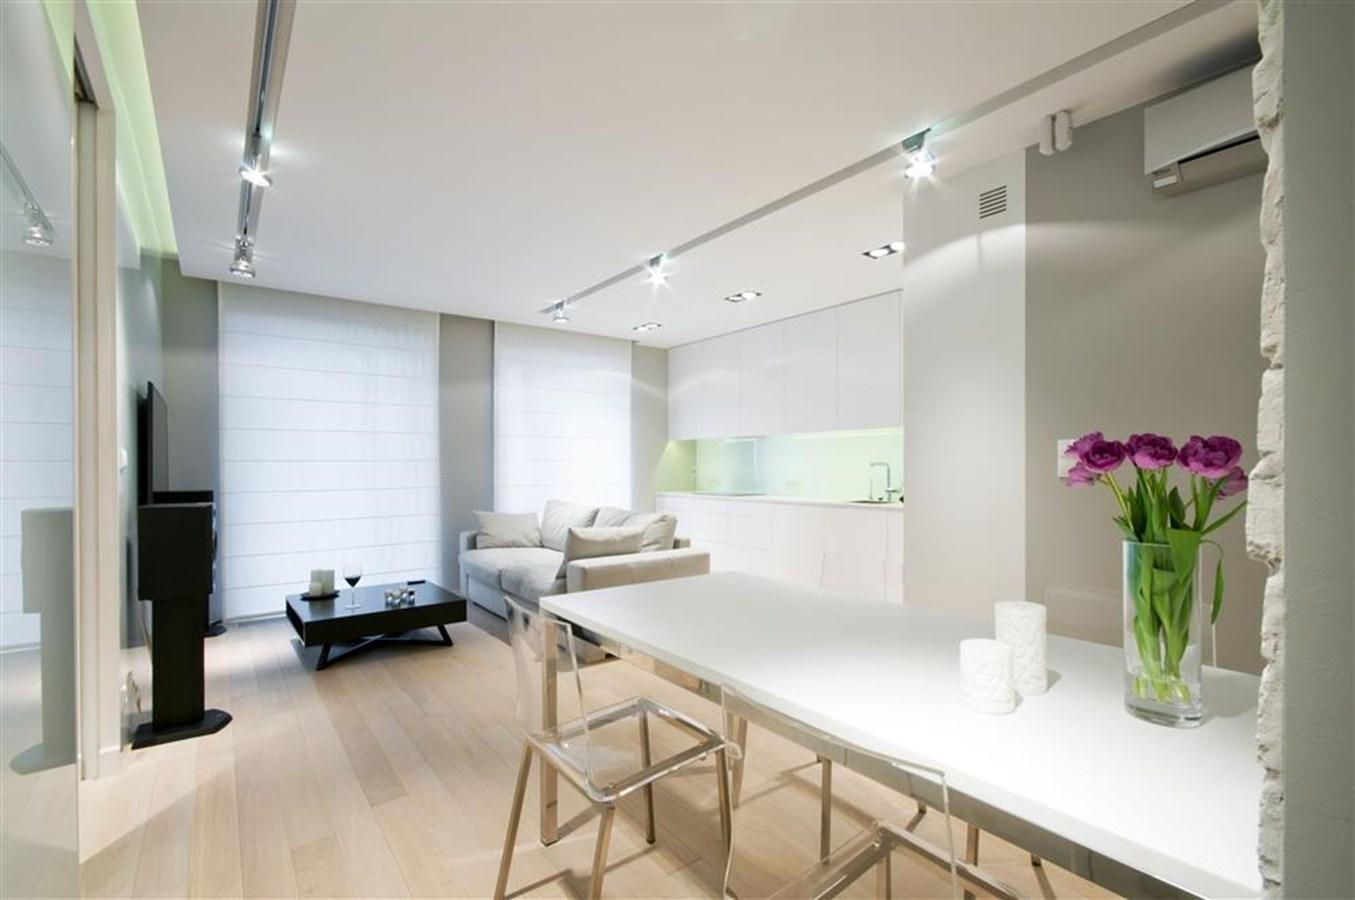 Otwarta kuchnia w bieli hola design homesquare - Salon Po Czony Z Kuchni I Jadalni Hola Design